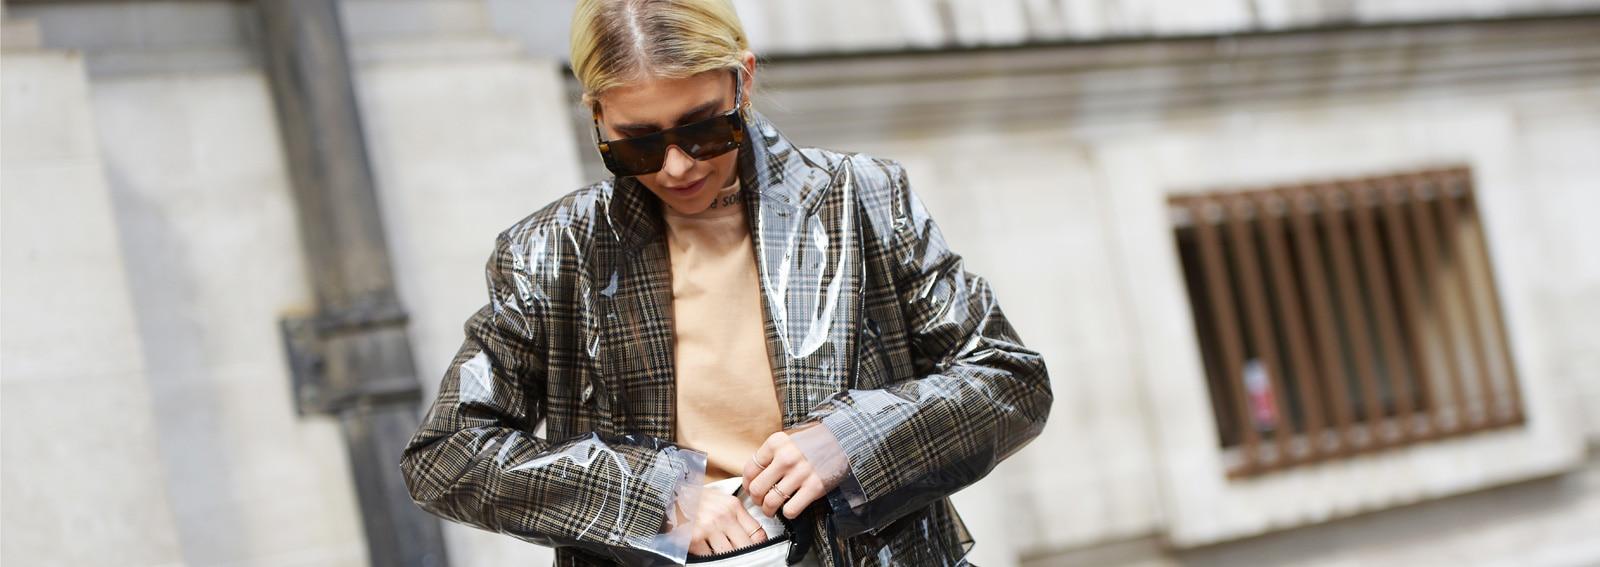 cover-london-fashion-week-17-desktop